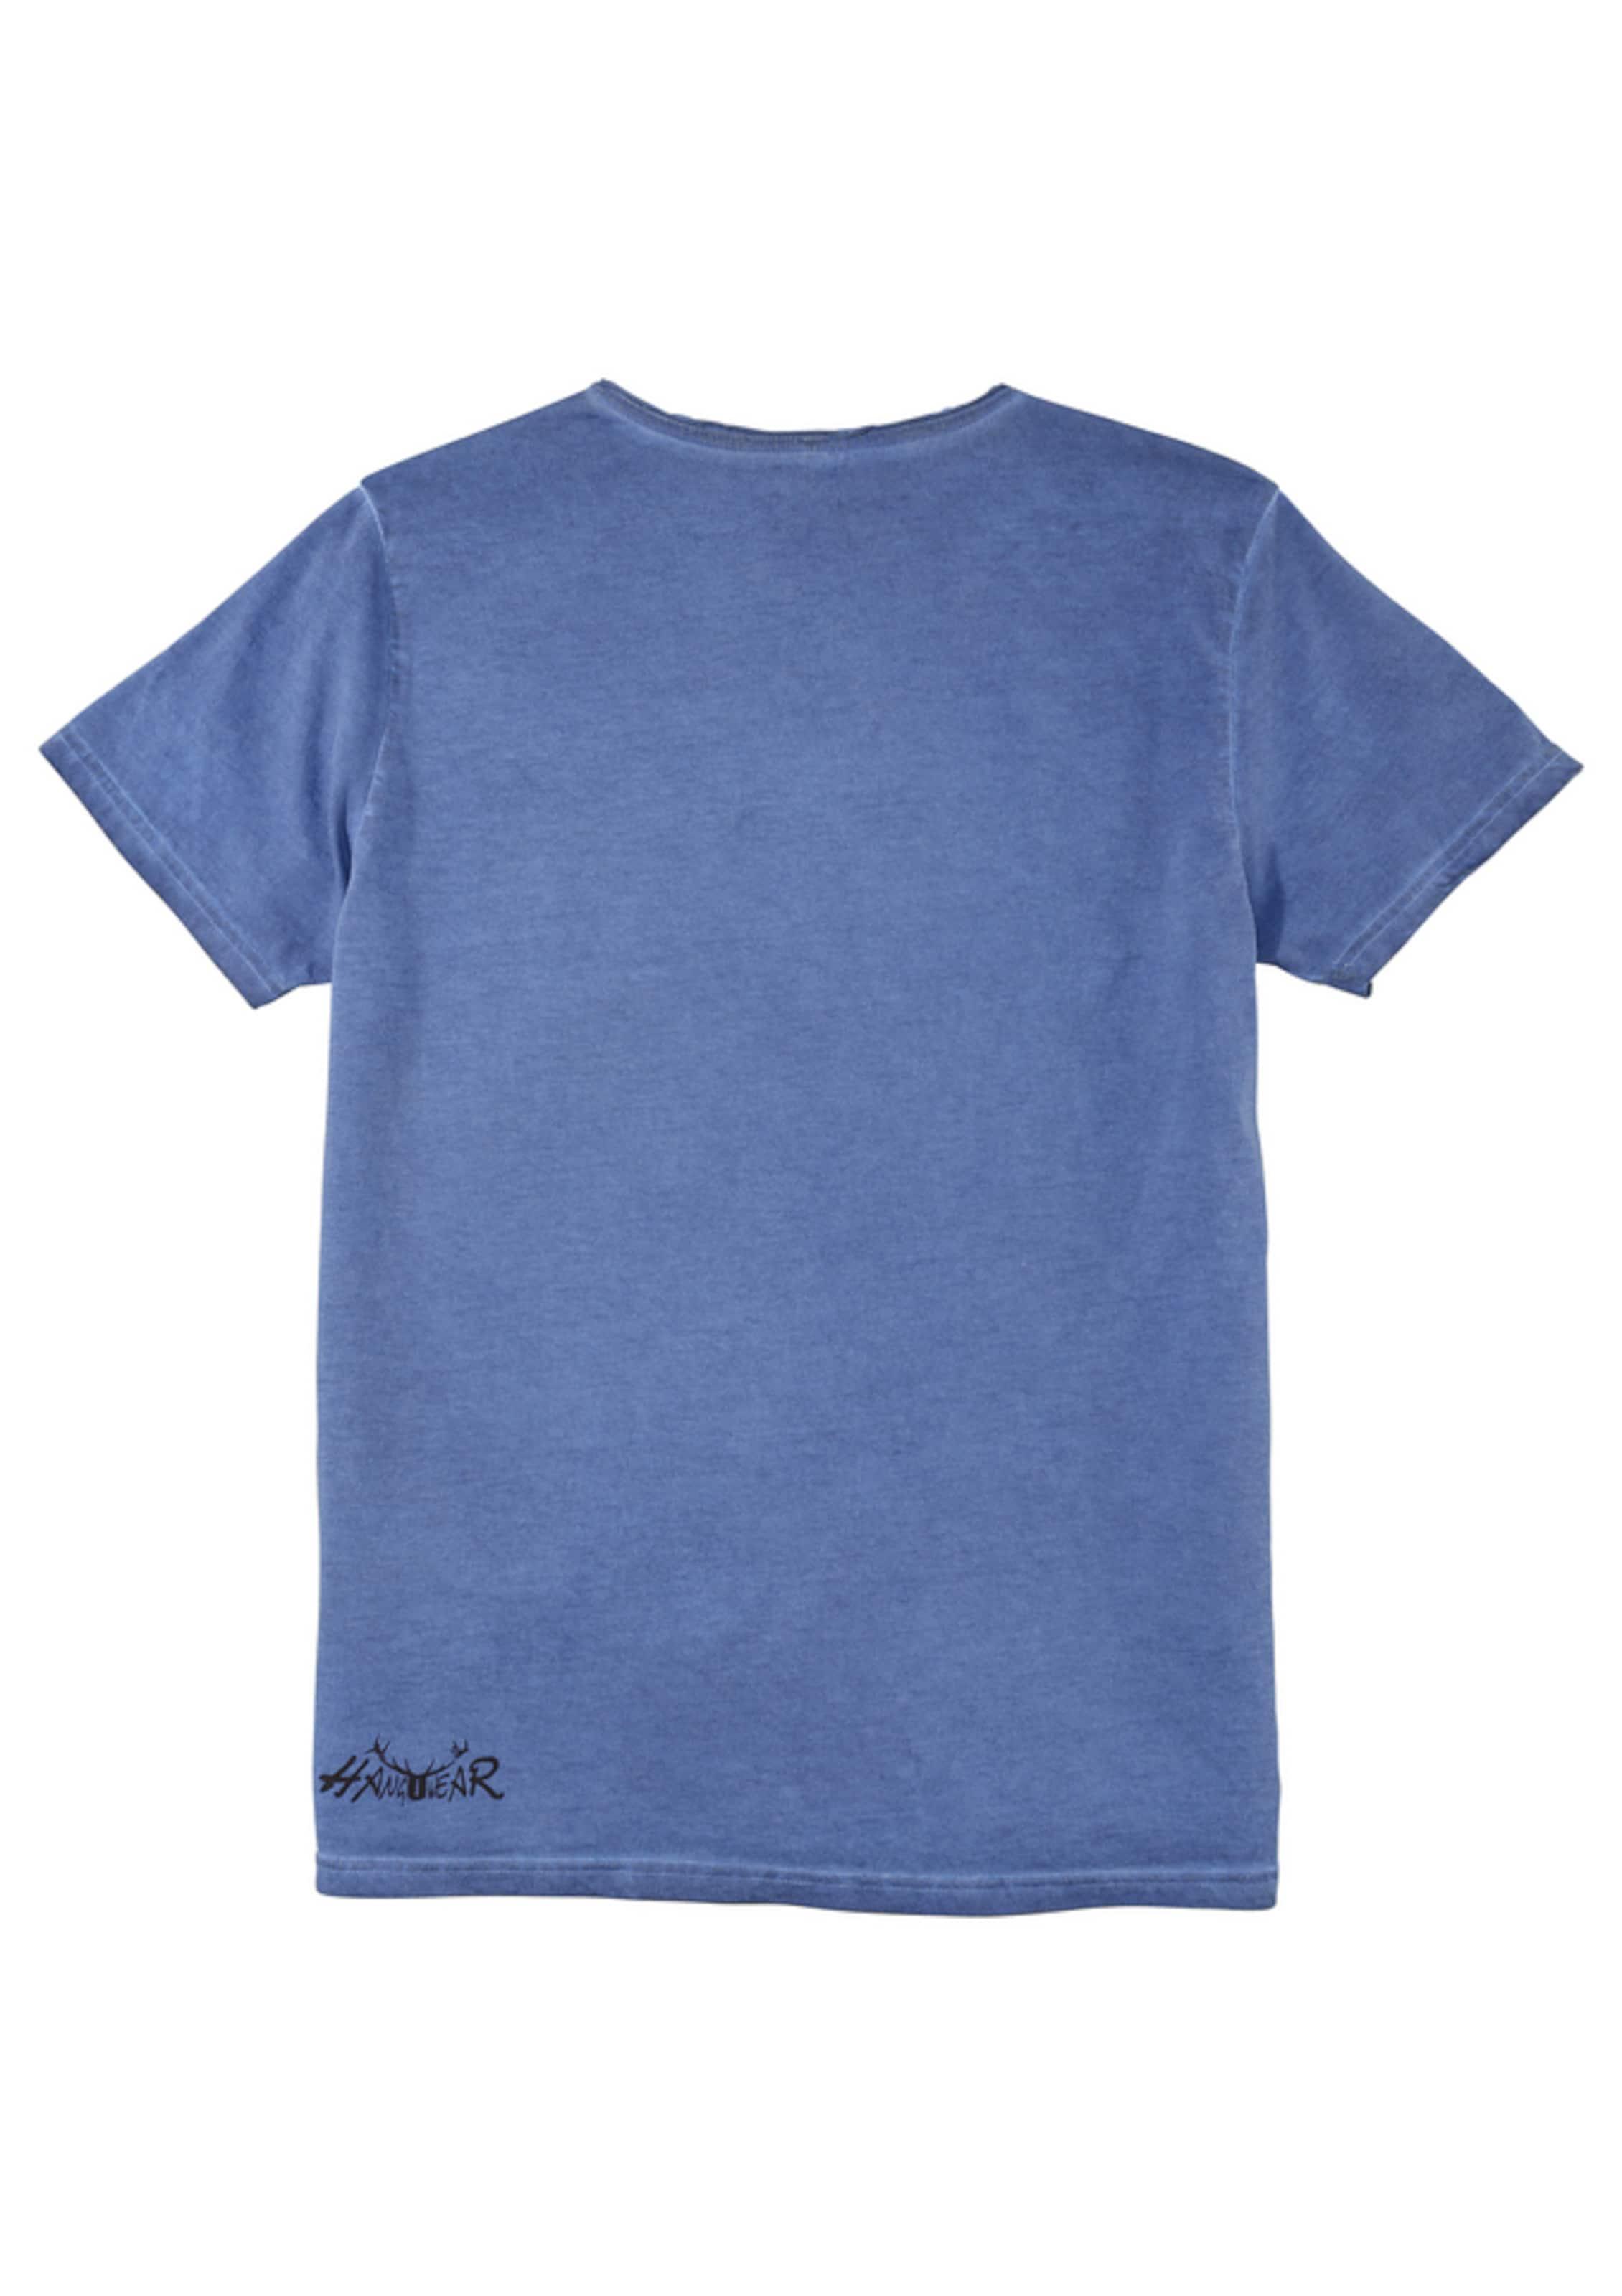 Hangowear BlauMischfarben In Trachtenshirt Hangowear In Koralle Koralle BlauMischfarben Trachtenshirt Trachtenshirt Hangowear fgb6yY7